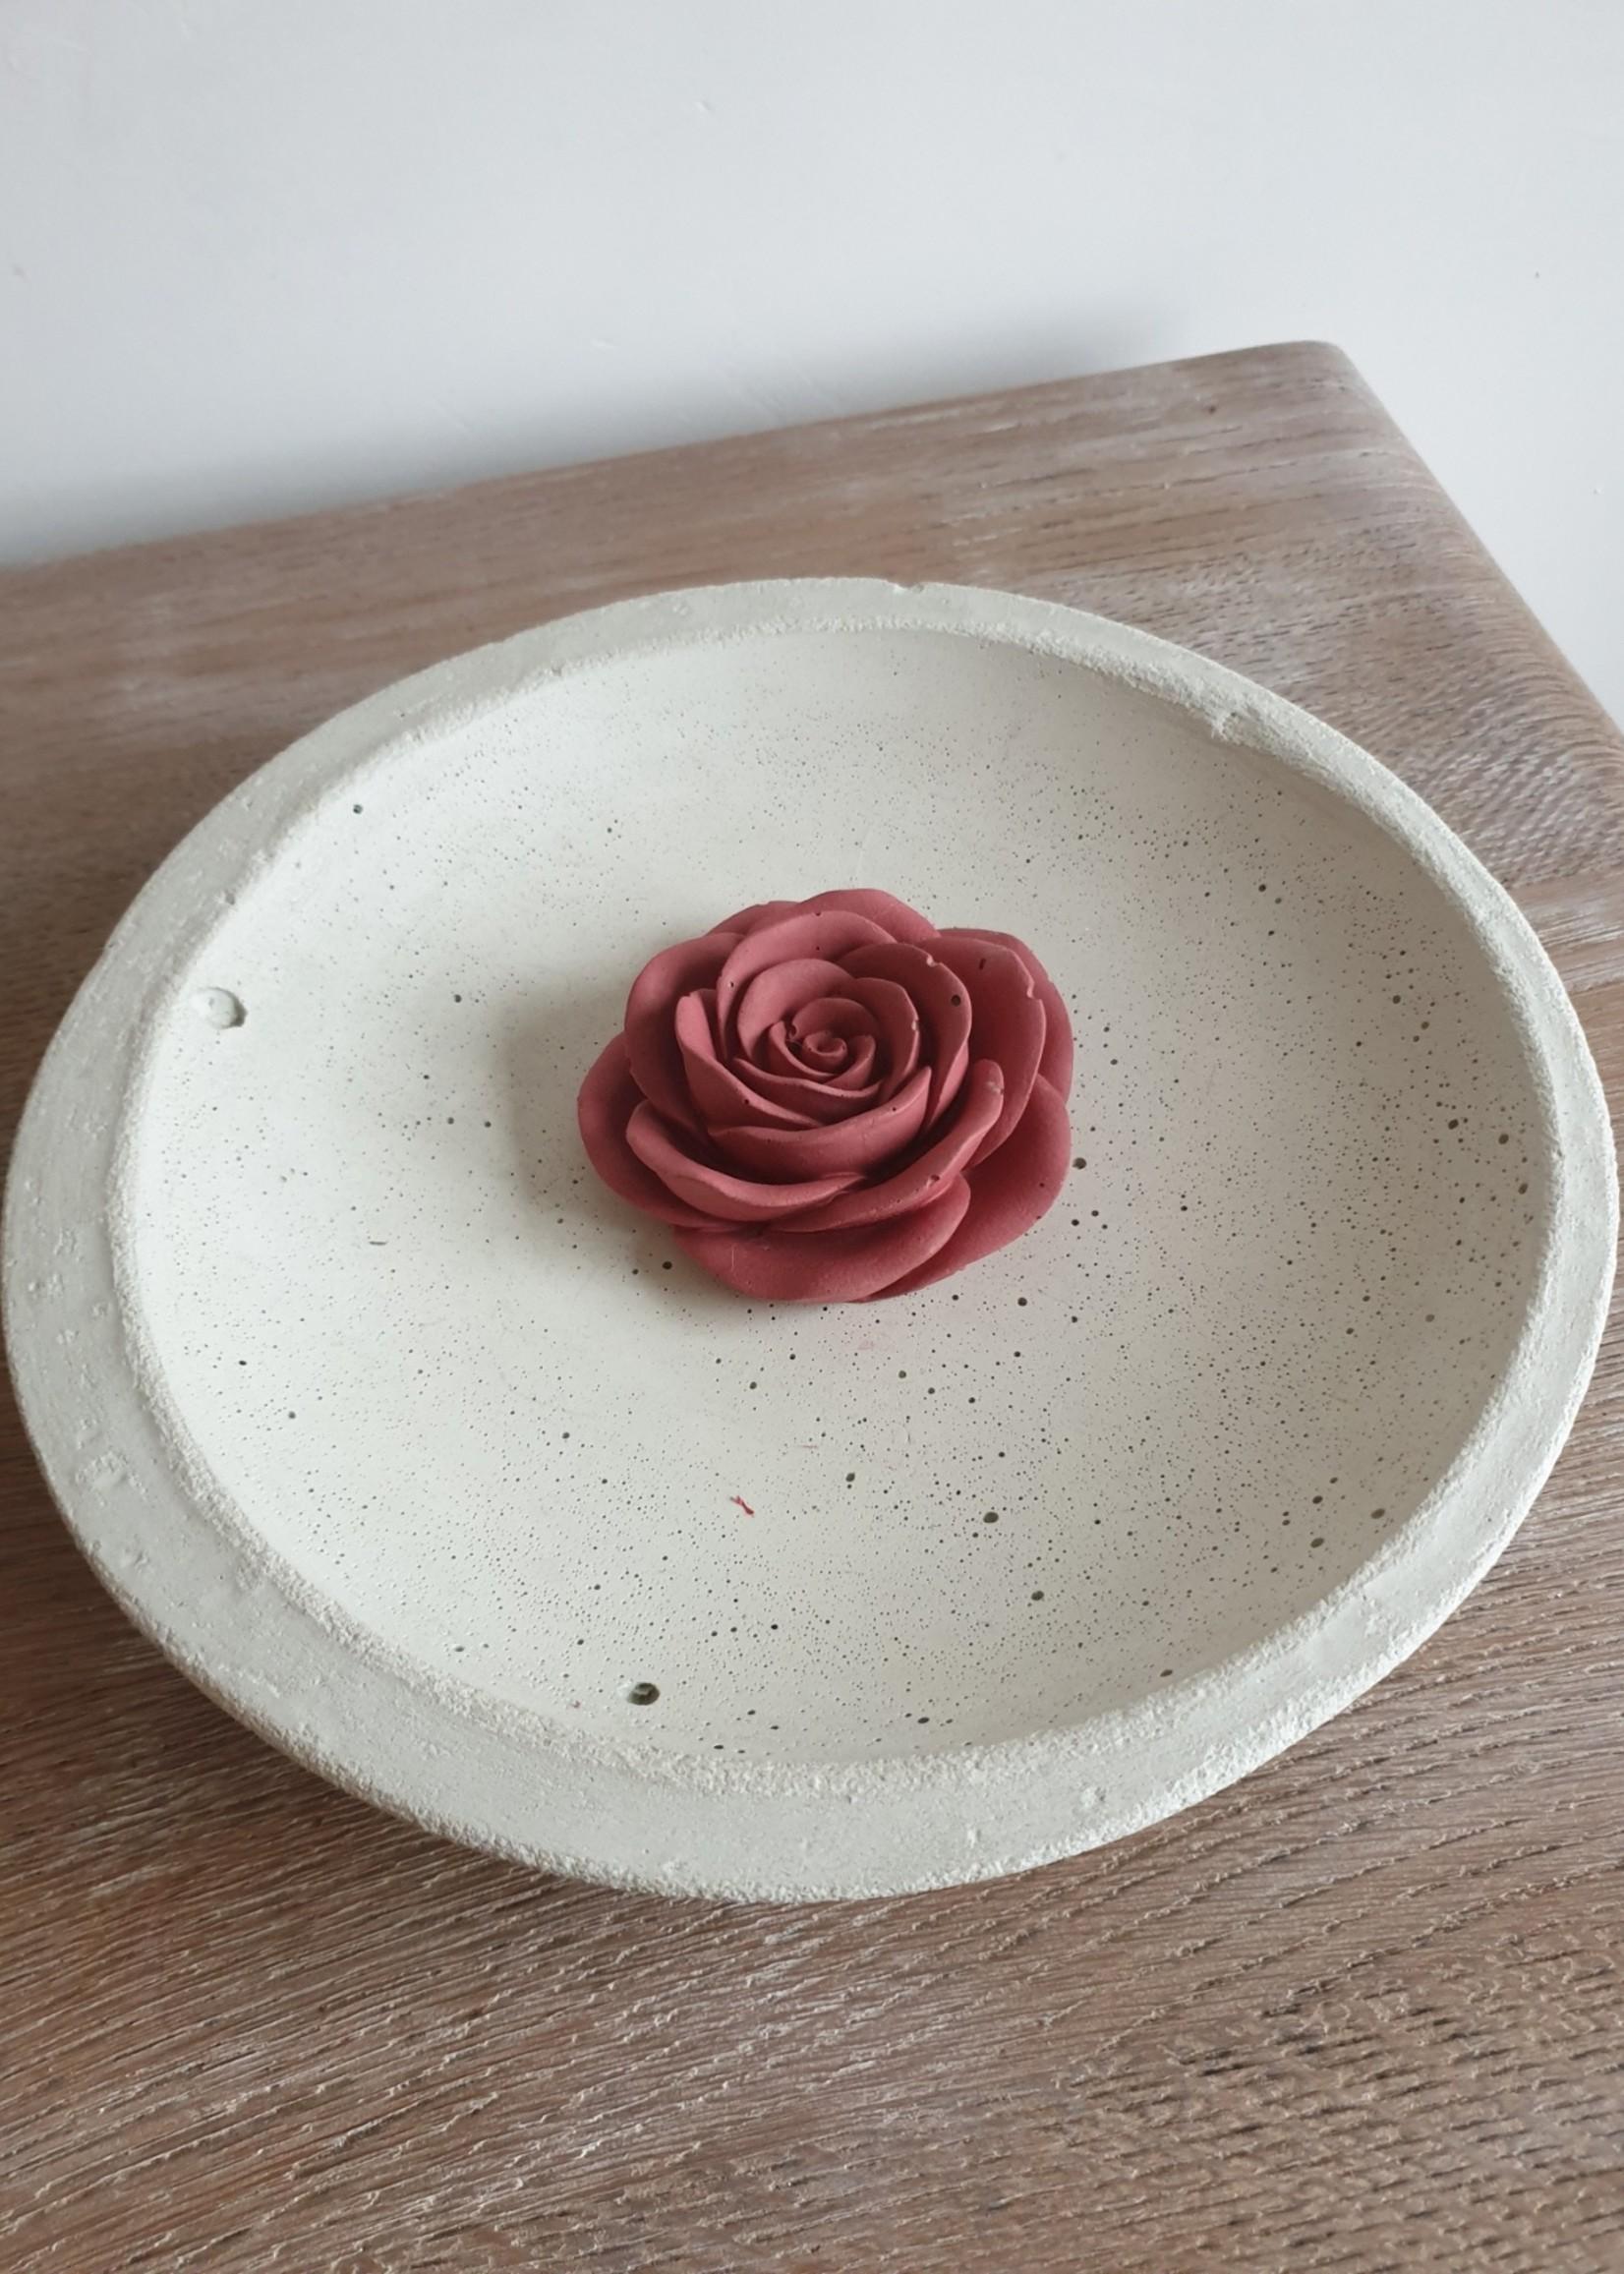 Grote liggende roos in beton - rood